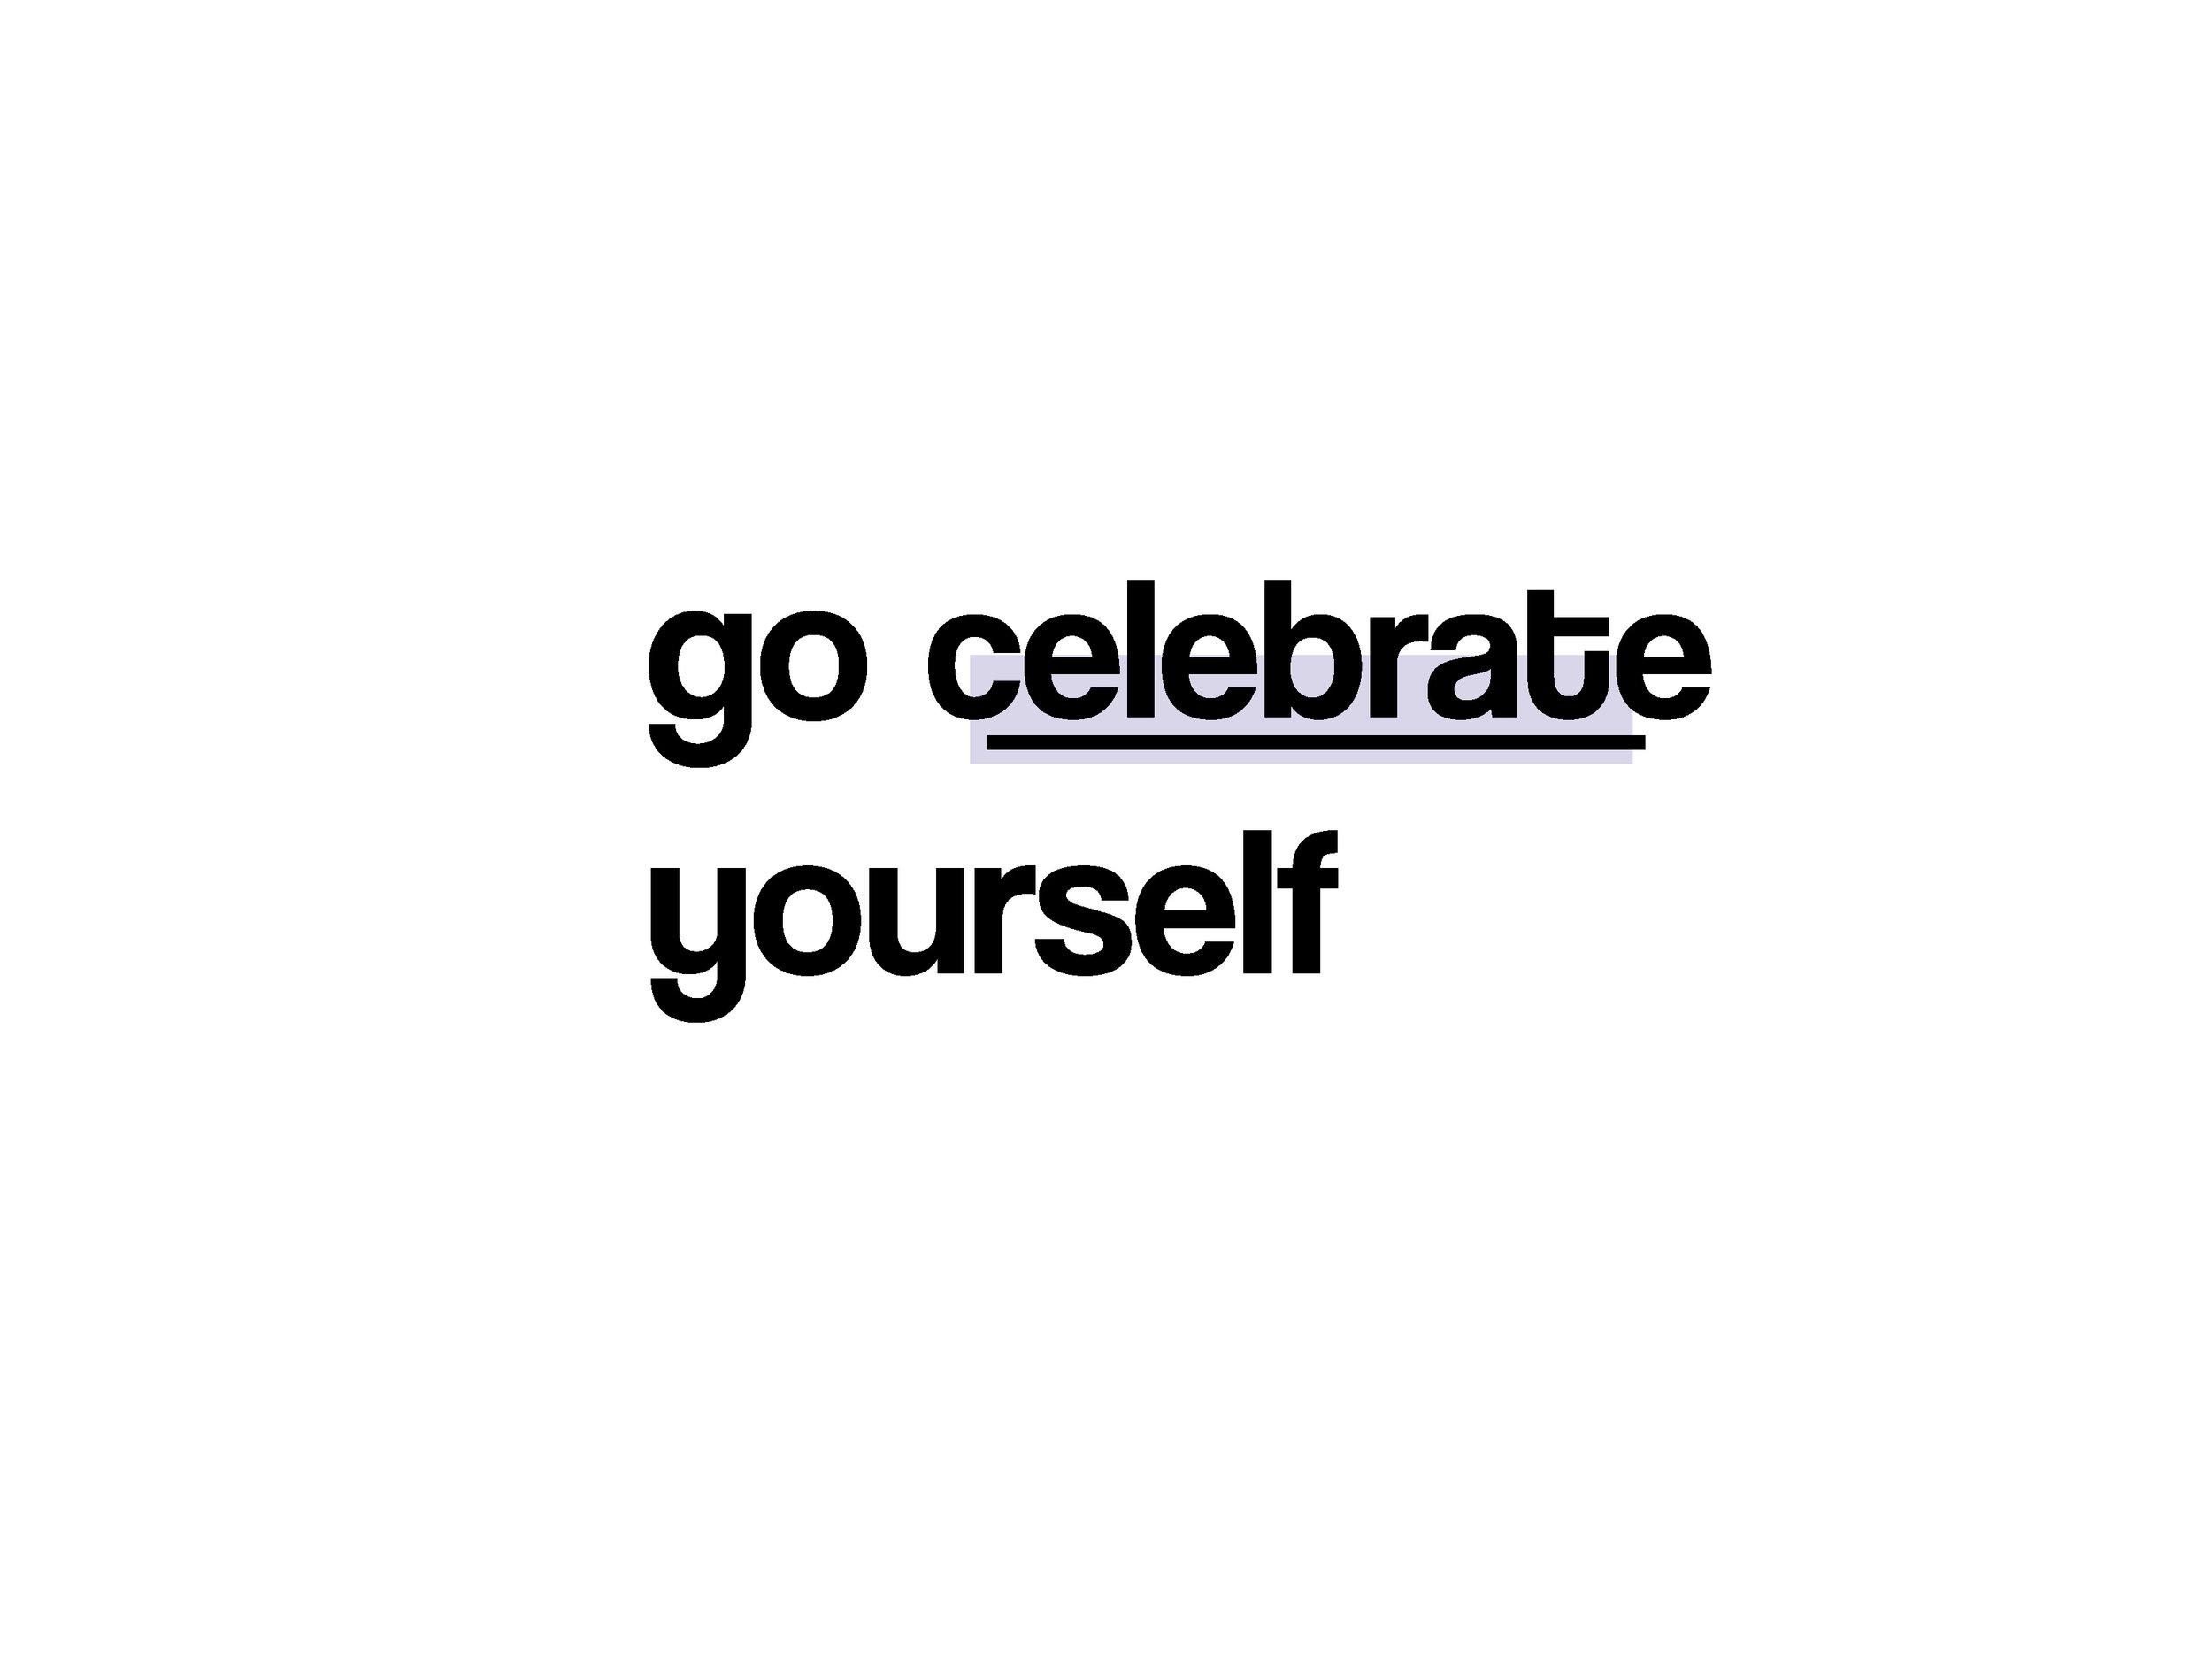 celebrate-01-01.jpg